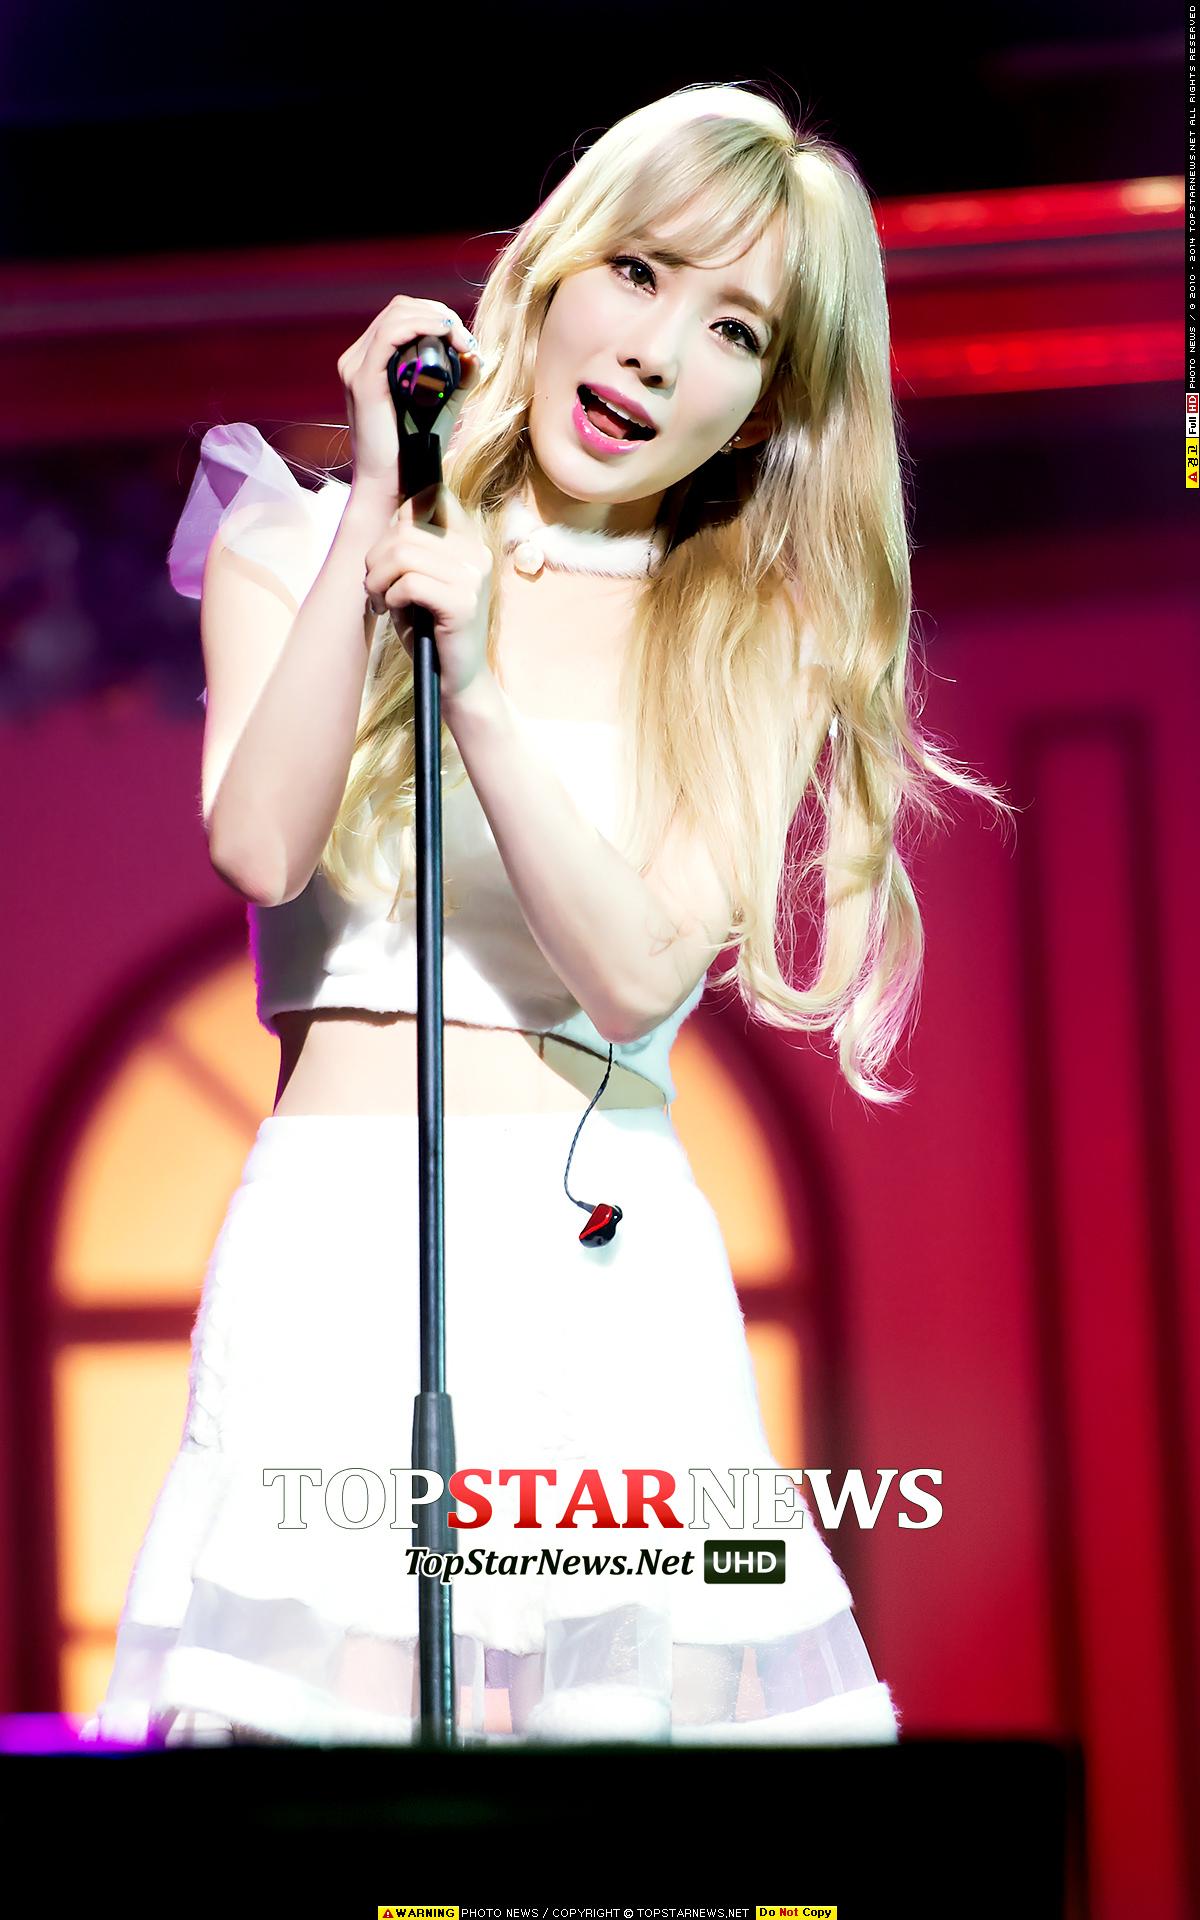 太妍 太妍也是同樣的例子,不知不覺中瘦成這樣,粉絲們真的很擔心啊!!!